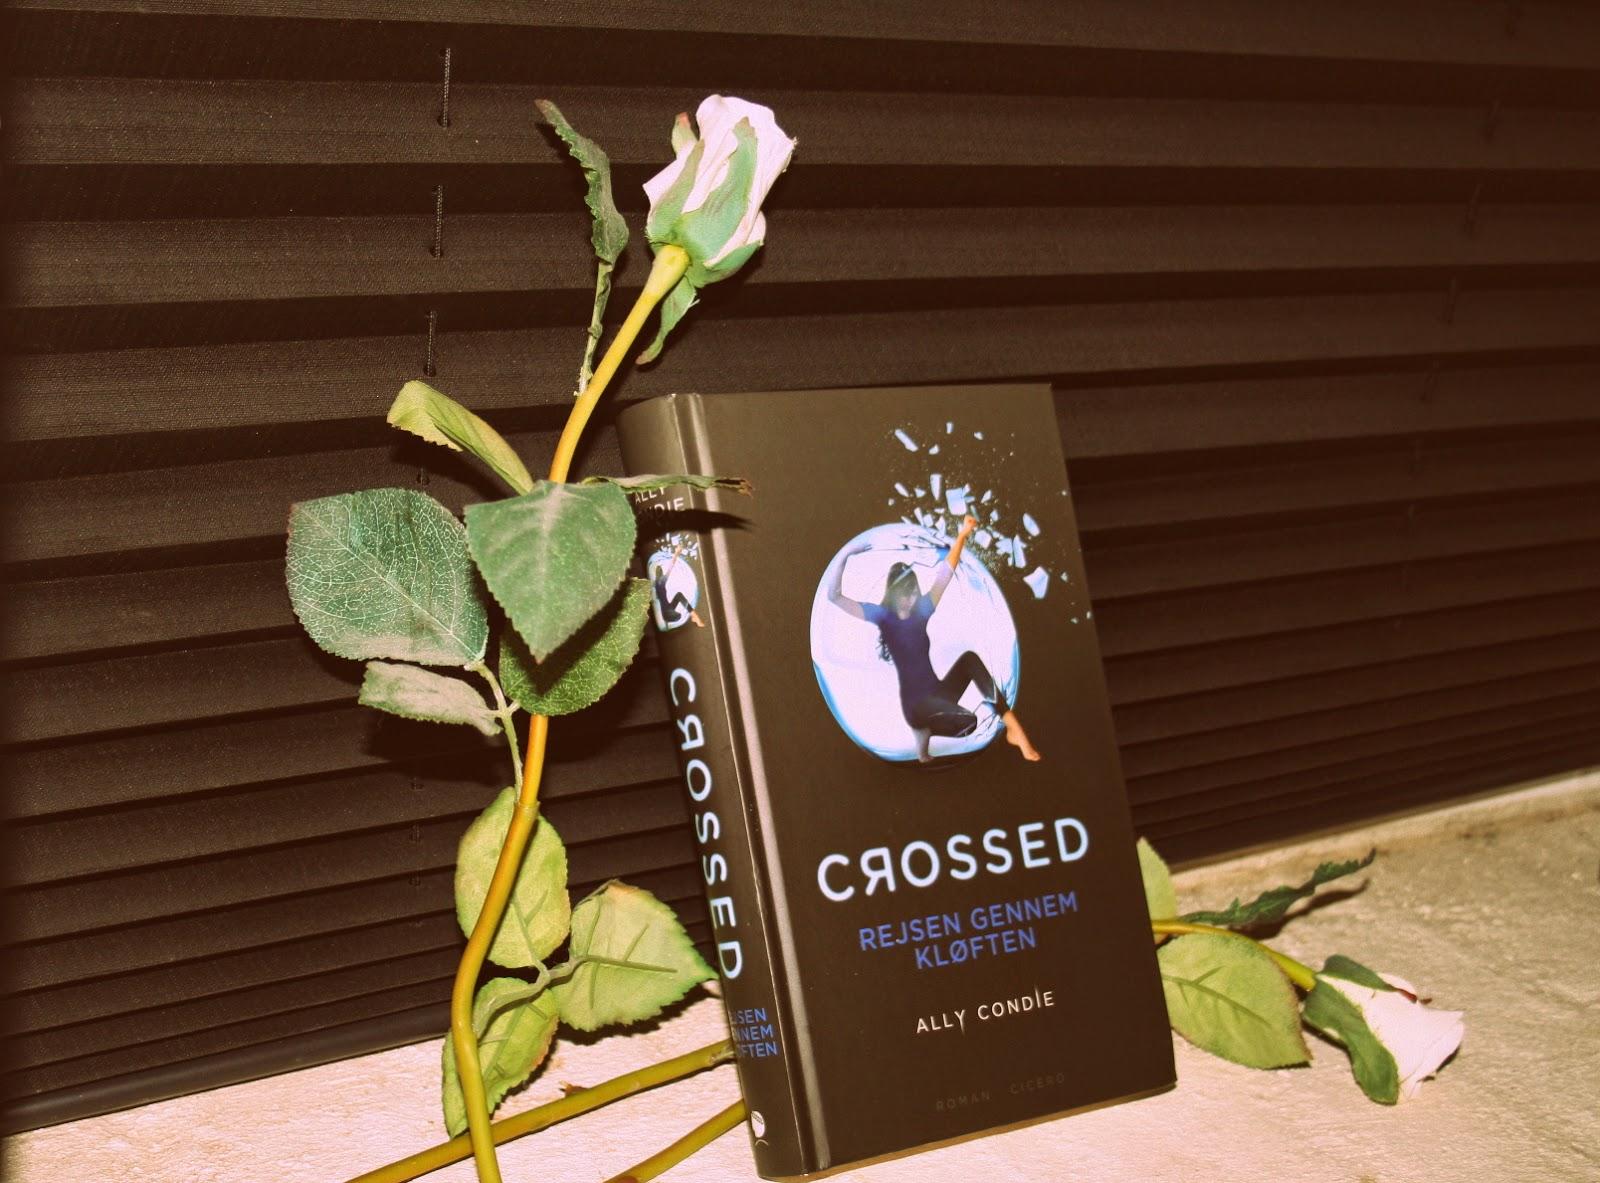 Crossed rejsen gennem kløften af Ally Condie